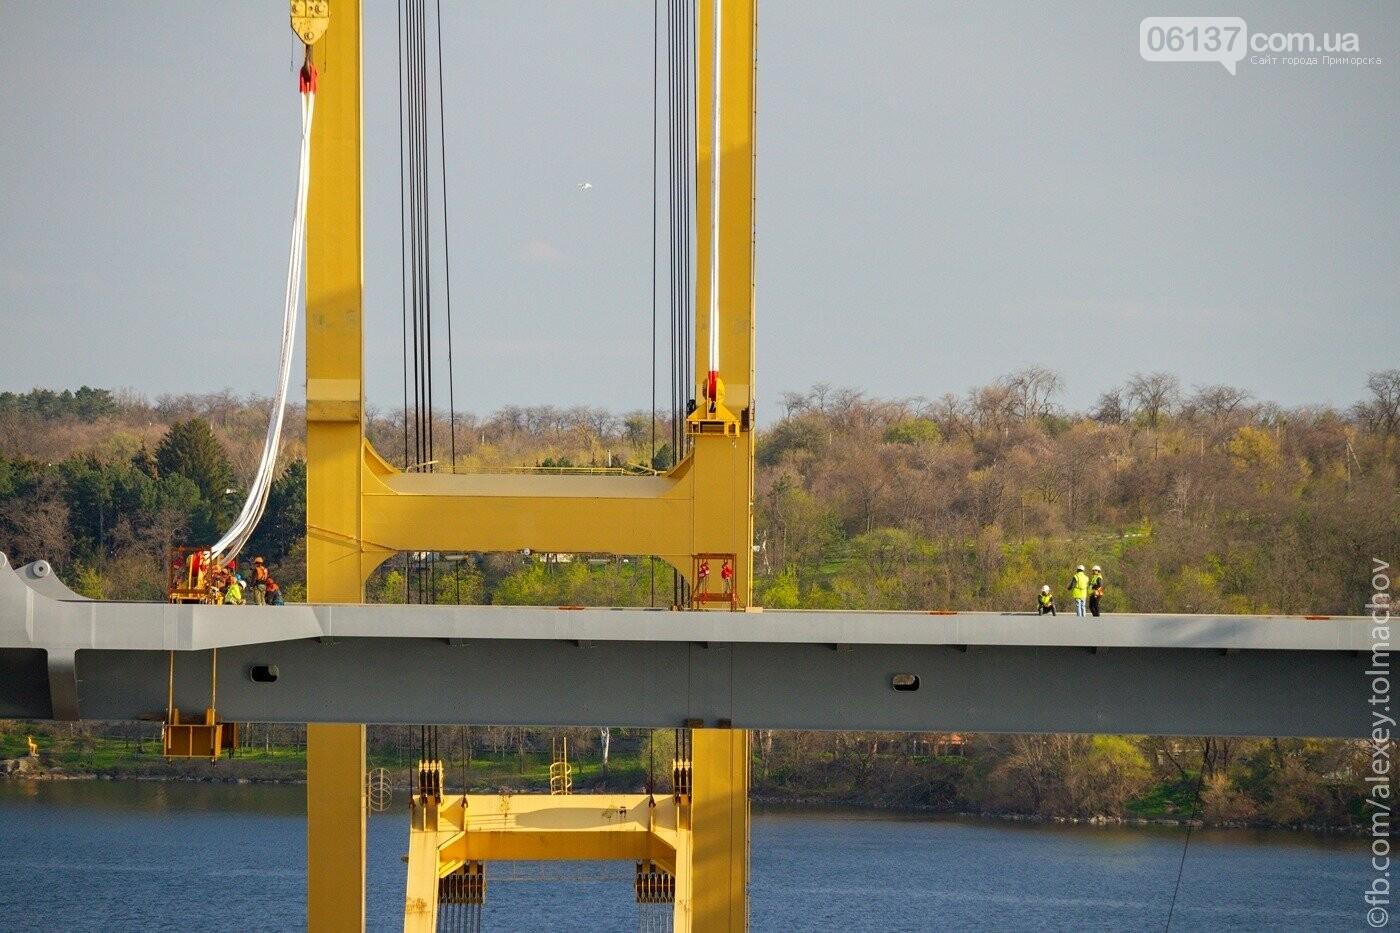 Историческое событие в Запорожье: смонтирован первый сегмент нового вантового моста. Фото, фото-1